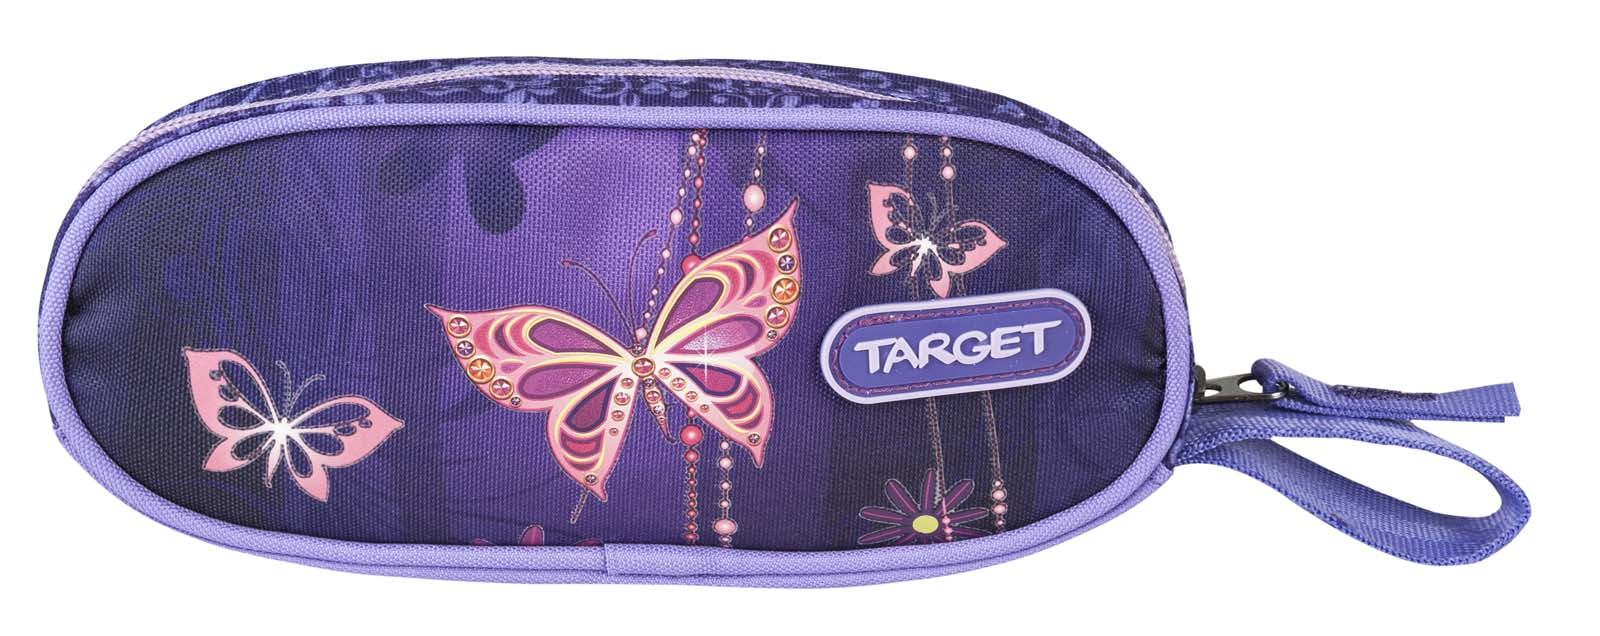 Target Collection Пенал Золотая бабочка17984Пенал овальный школьный. Без наполнения. Размер: 21 x 9 x 4 см. Материал: Полиэстер. Предназначен для школьников 6-16 лет. Застежка-молния.